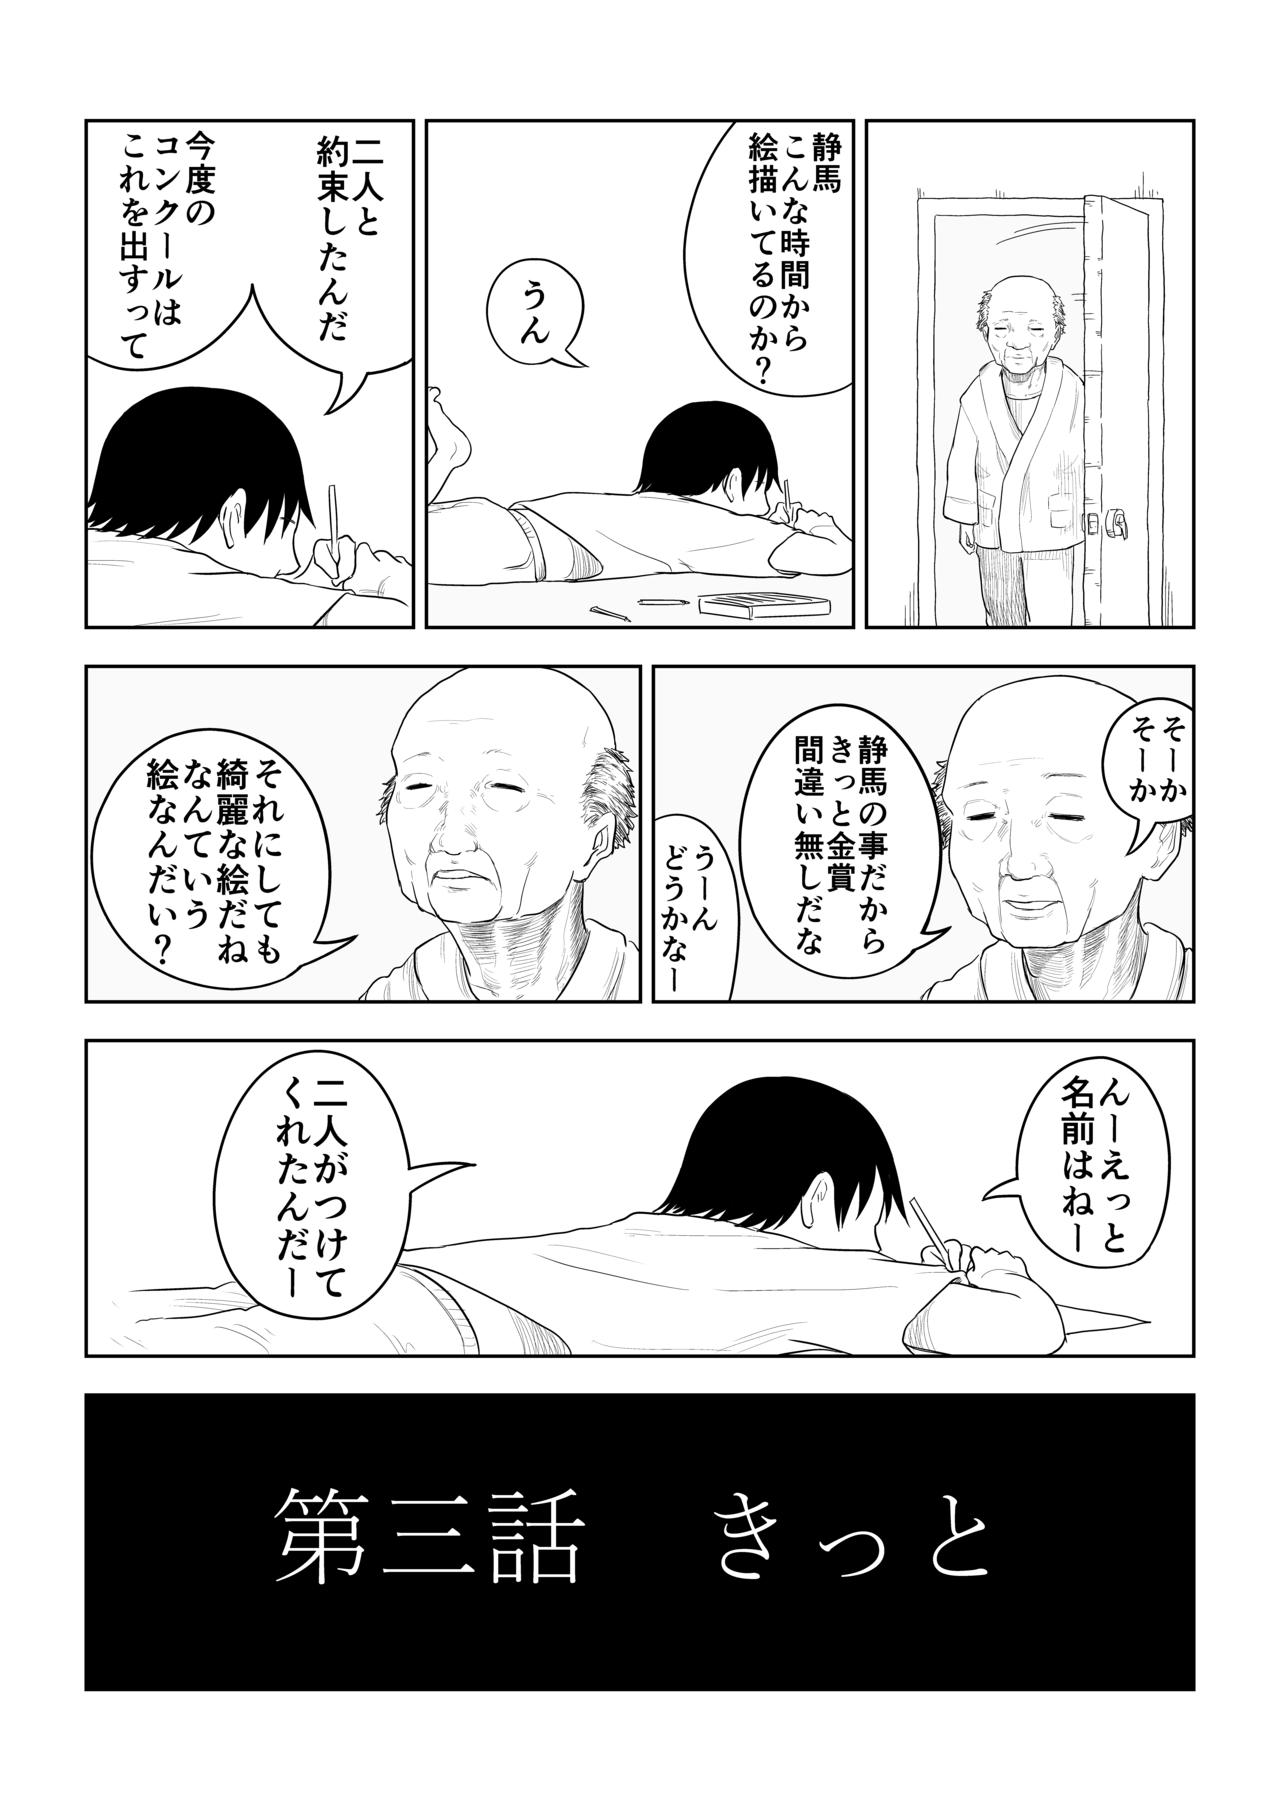 四角い円柱_3話_002